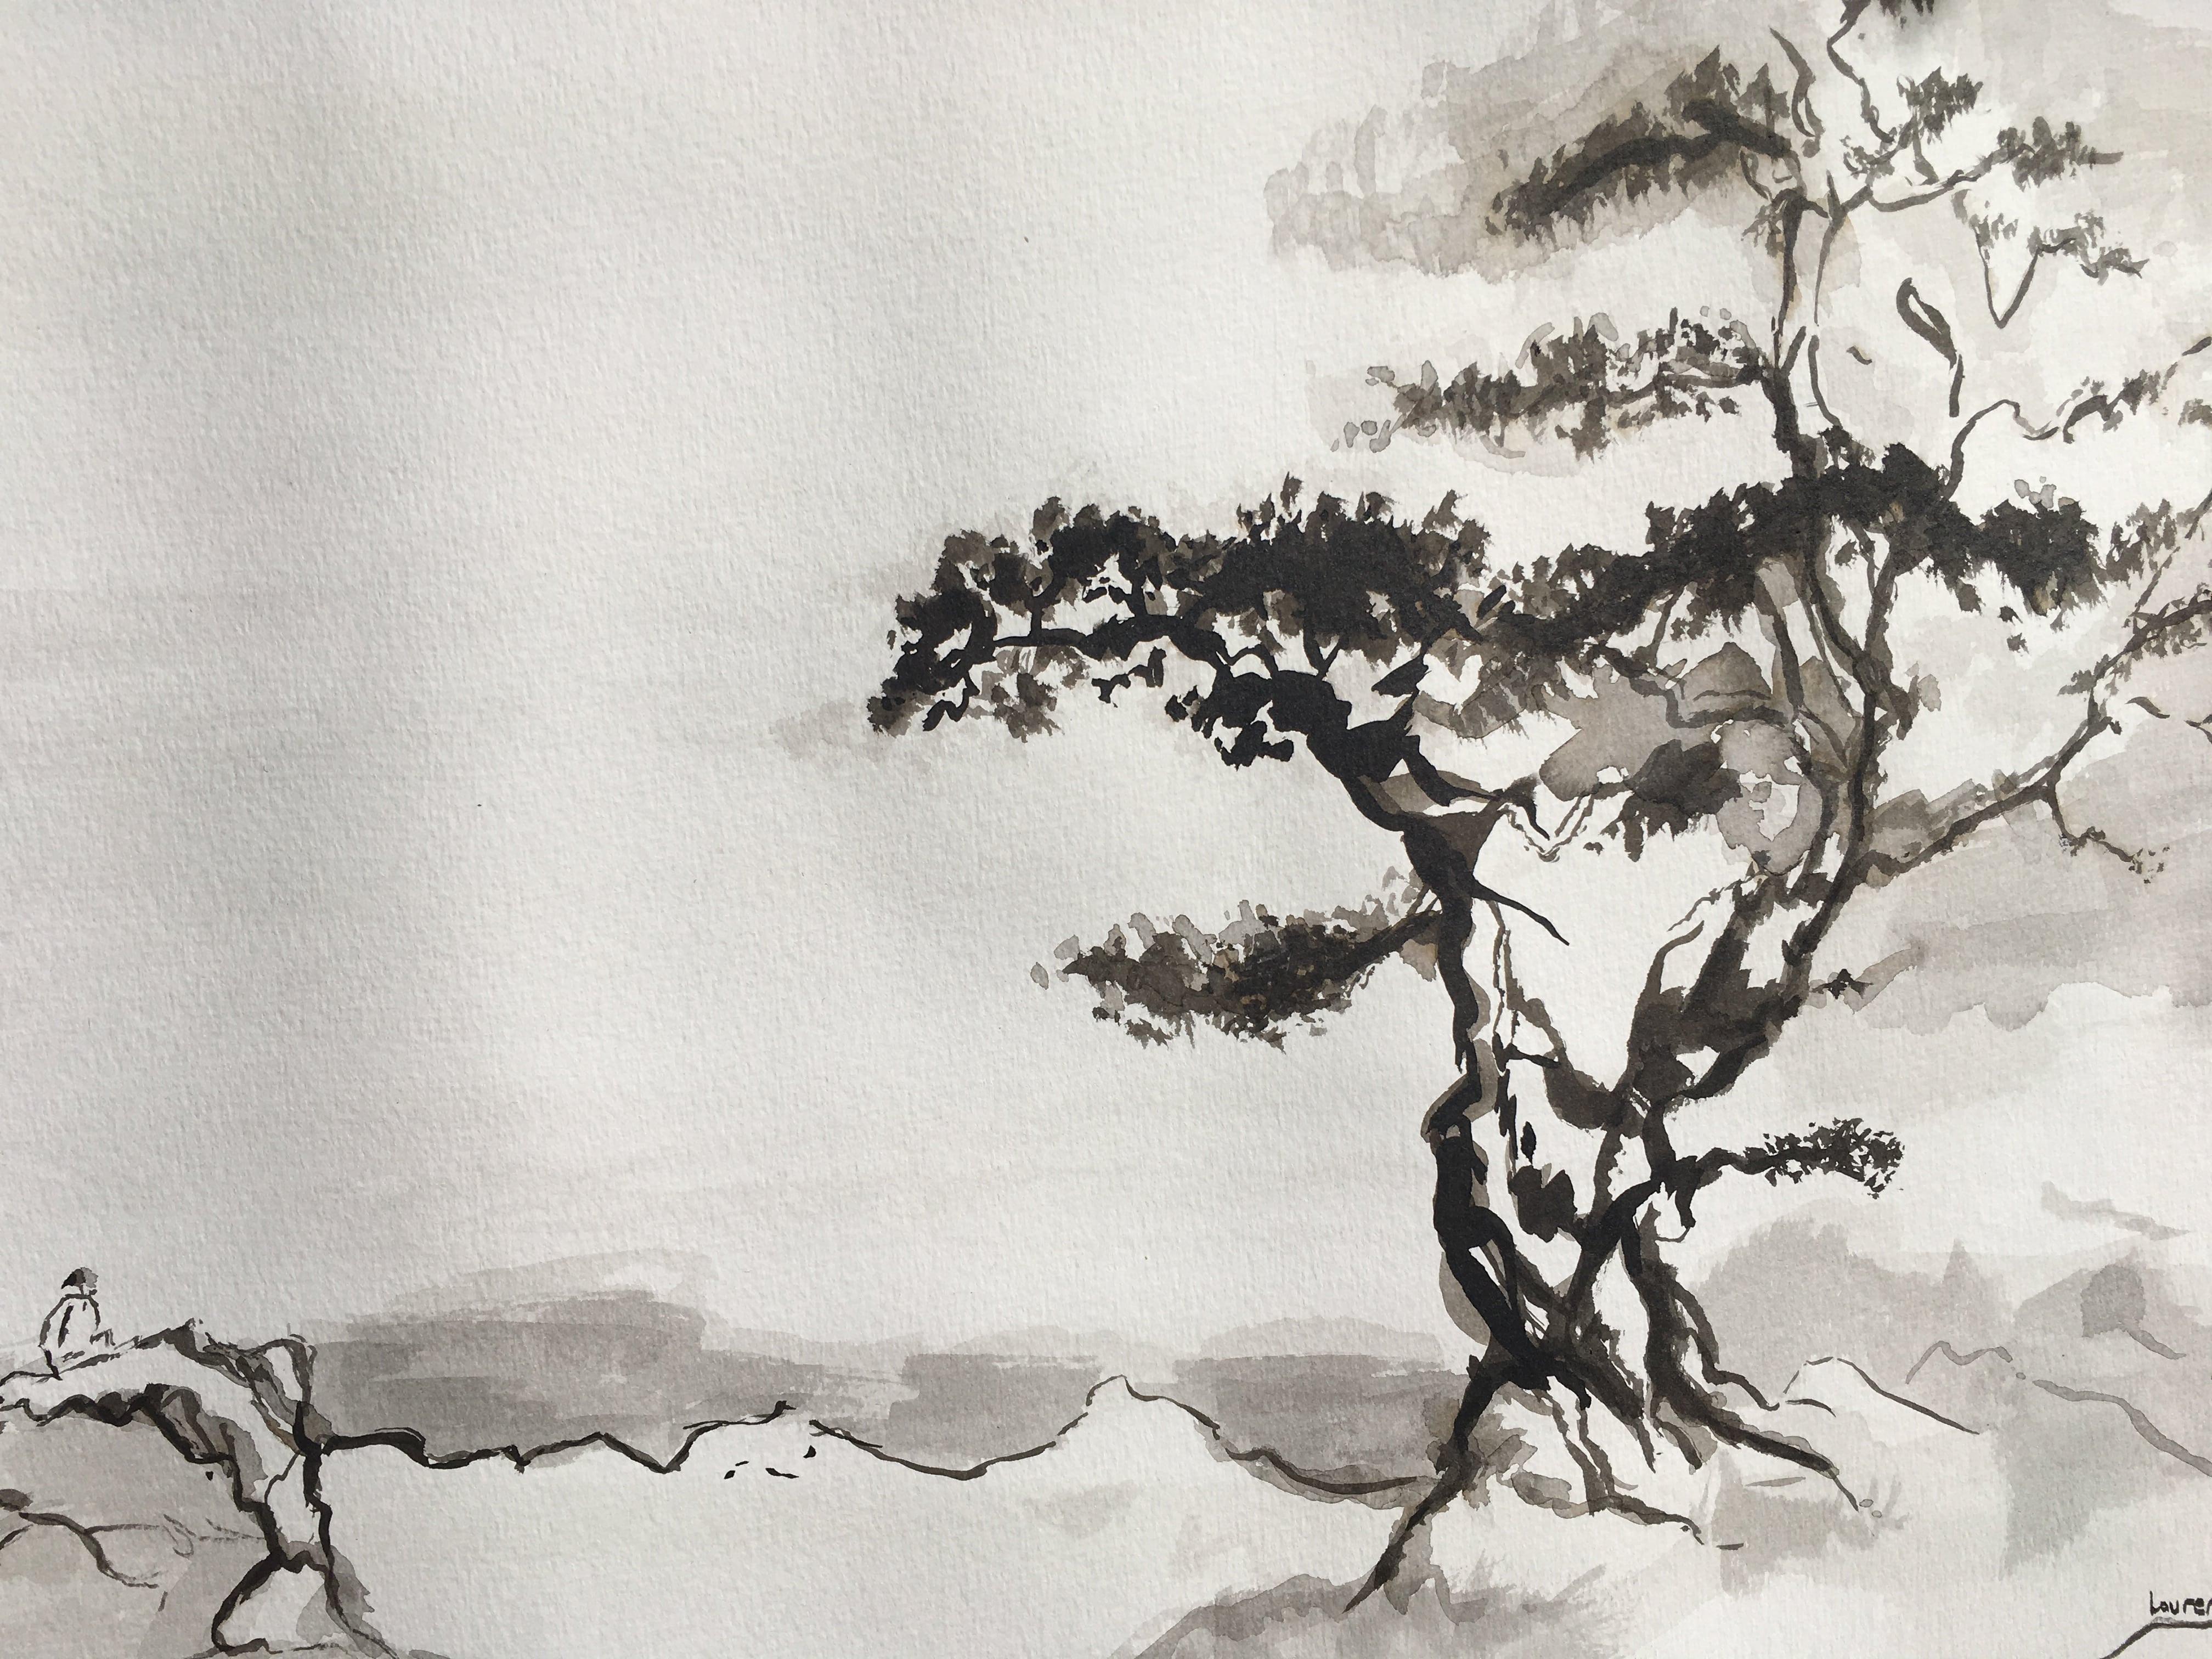 Hôtes et artistes en poitou - Découverte encre de chine Poitiers prof Armelle de Segogne. La pédagogie donne les bases indispensables au dessin et à la peinture, tout en respectant le rythme de chacun, dans une liberté guidée, et épanouissante et porte les élèves vers leur propre créativité. L'accent est mis sur la spontanéité du geste, l'équilibre des formes, des couleurs, le choix de dire ou ne pas dire, pour laisser libre l'expression de la poésie, du rêve